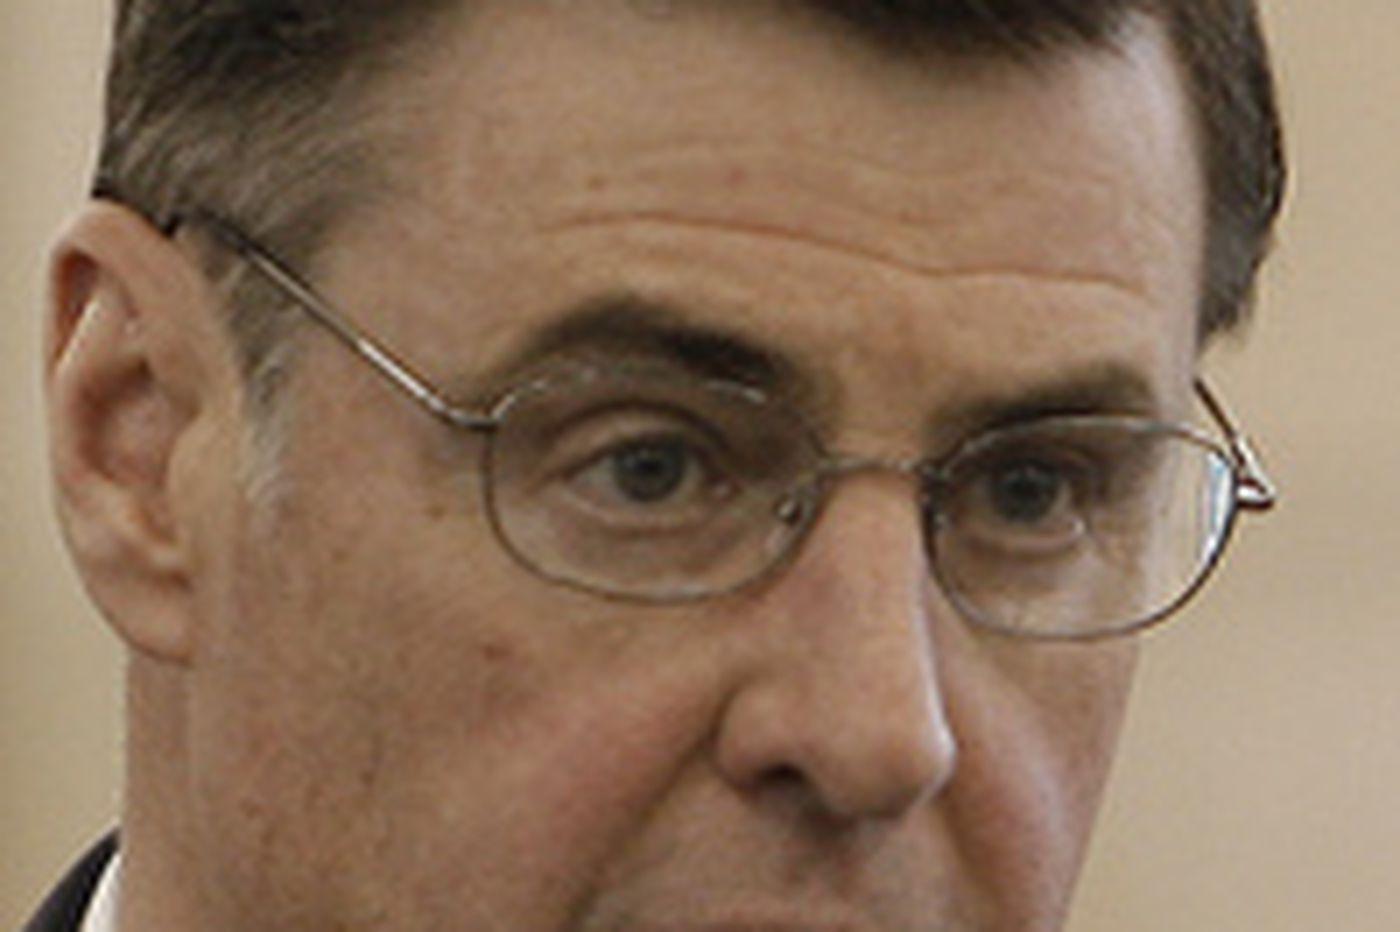 Camden prosecutor nominee Faulk gets high marks